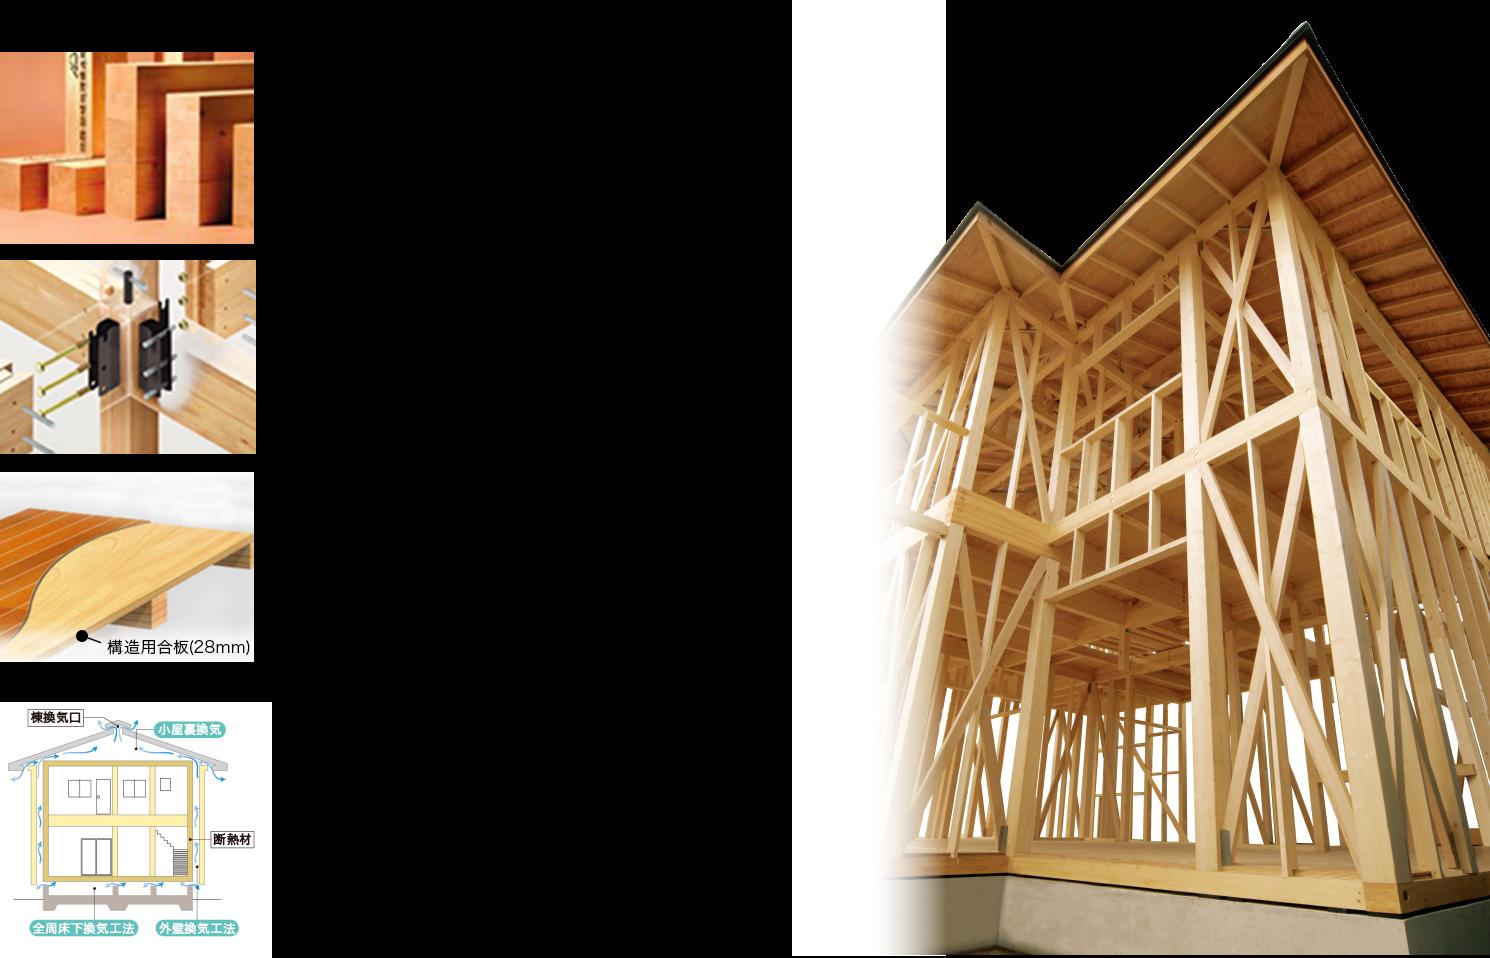 構造用集成材 柱・梁・土台などの主な構造材は「オール集成材」で経年による寸法変化、ゆがみやそりがほとんどありません。 テクノスター金物 構造材同士をつないでいる接合部を金物で強化し耐震性を高めました。 剛床工法 構造体と強力に一体化した「剛床工法。」28mm厚の構造用合板で各階の床を面構造にします。 通気工法 構造内に湿気をためず、構造体の腐食や劣化を抑えます。